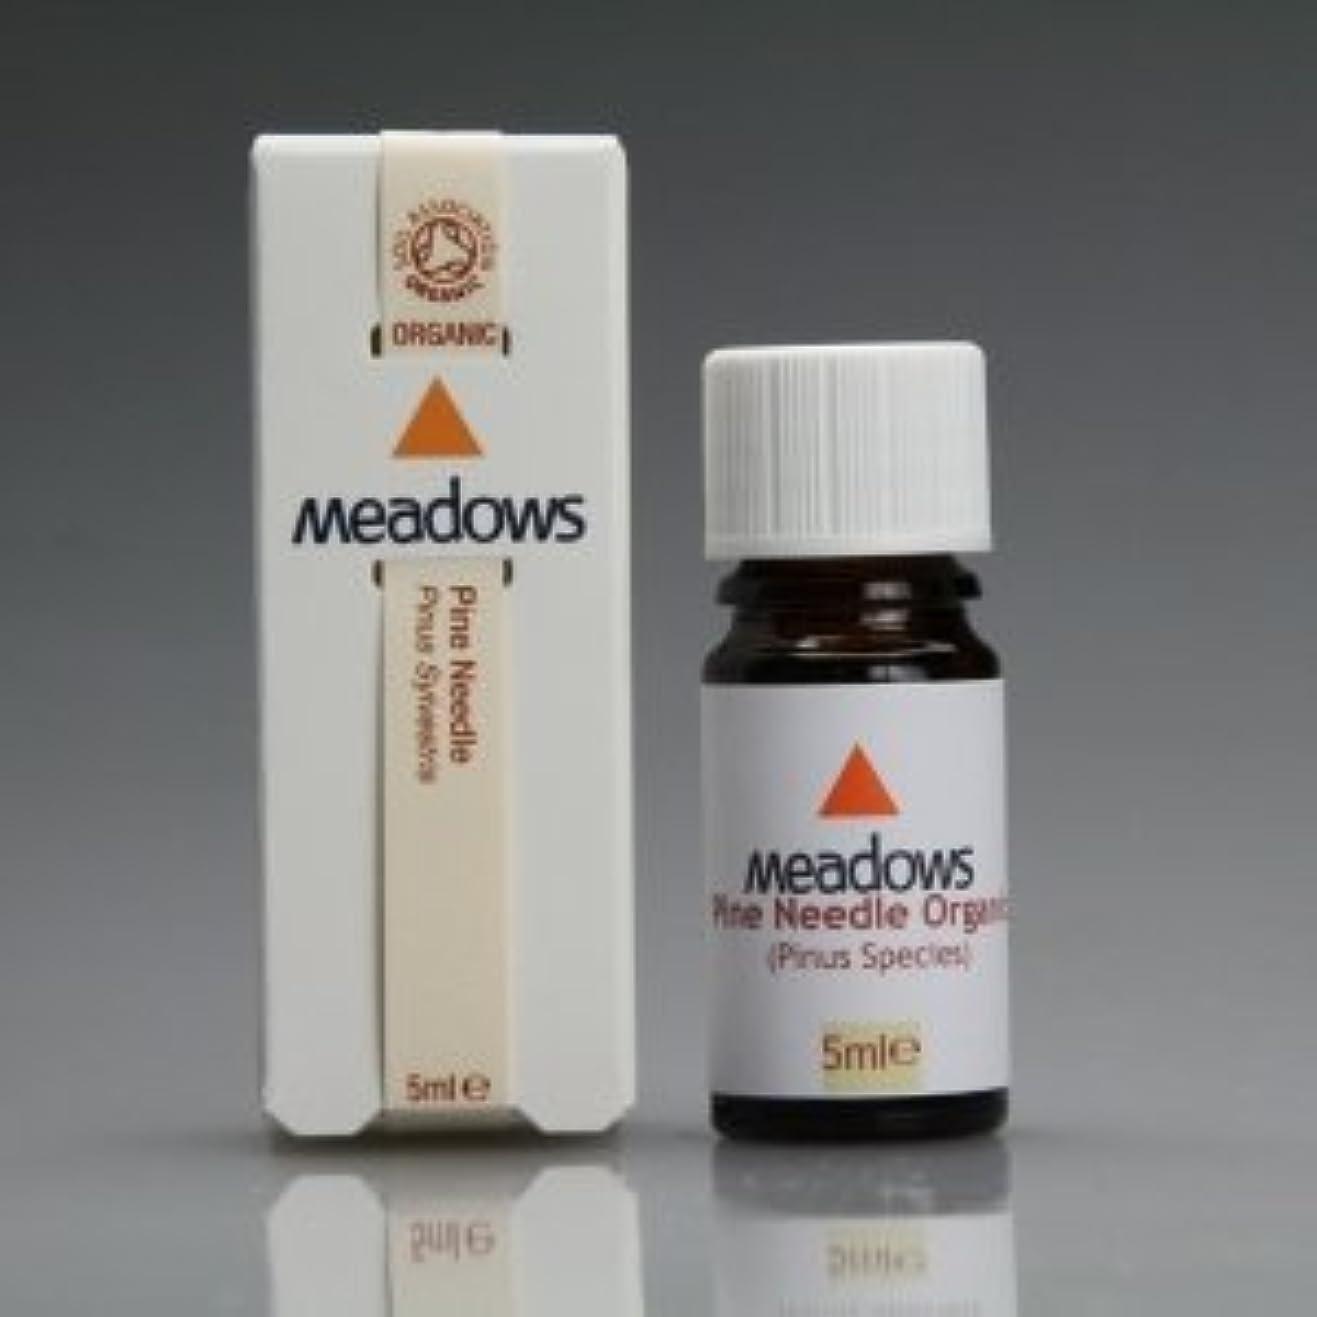 入学する痛み縞模様のメドウズ エッセンシャルオイル パインニードル(ヨーロッパ赤松) 5ml